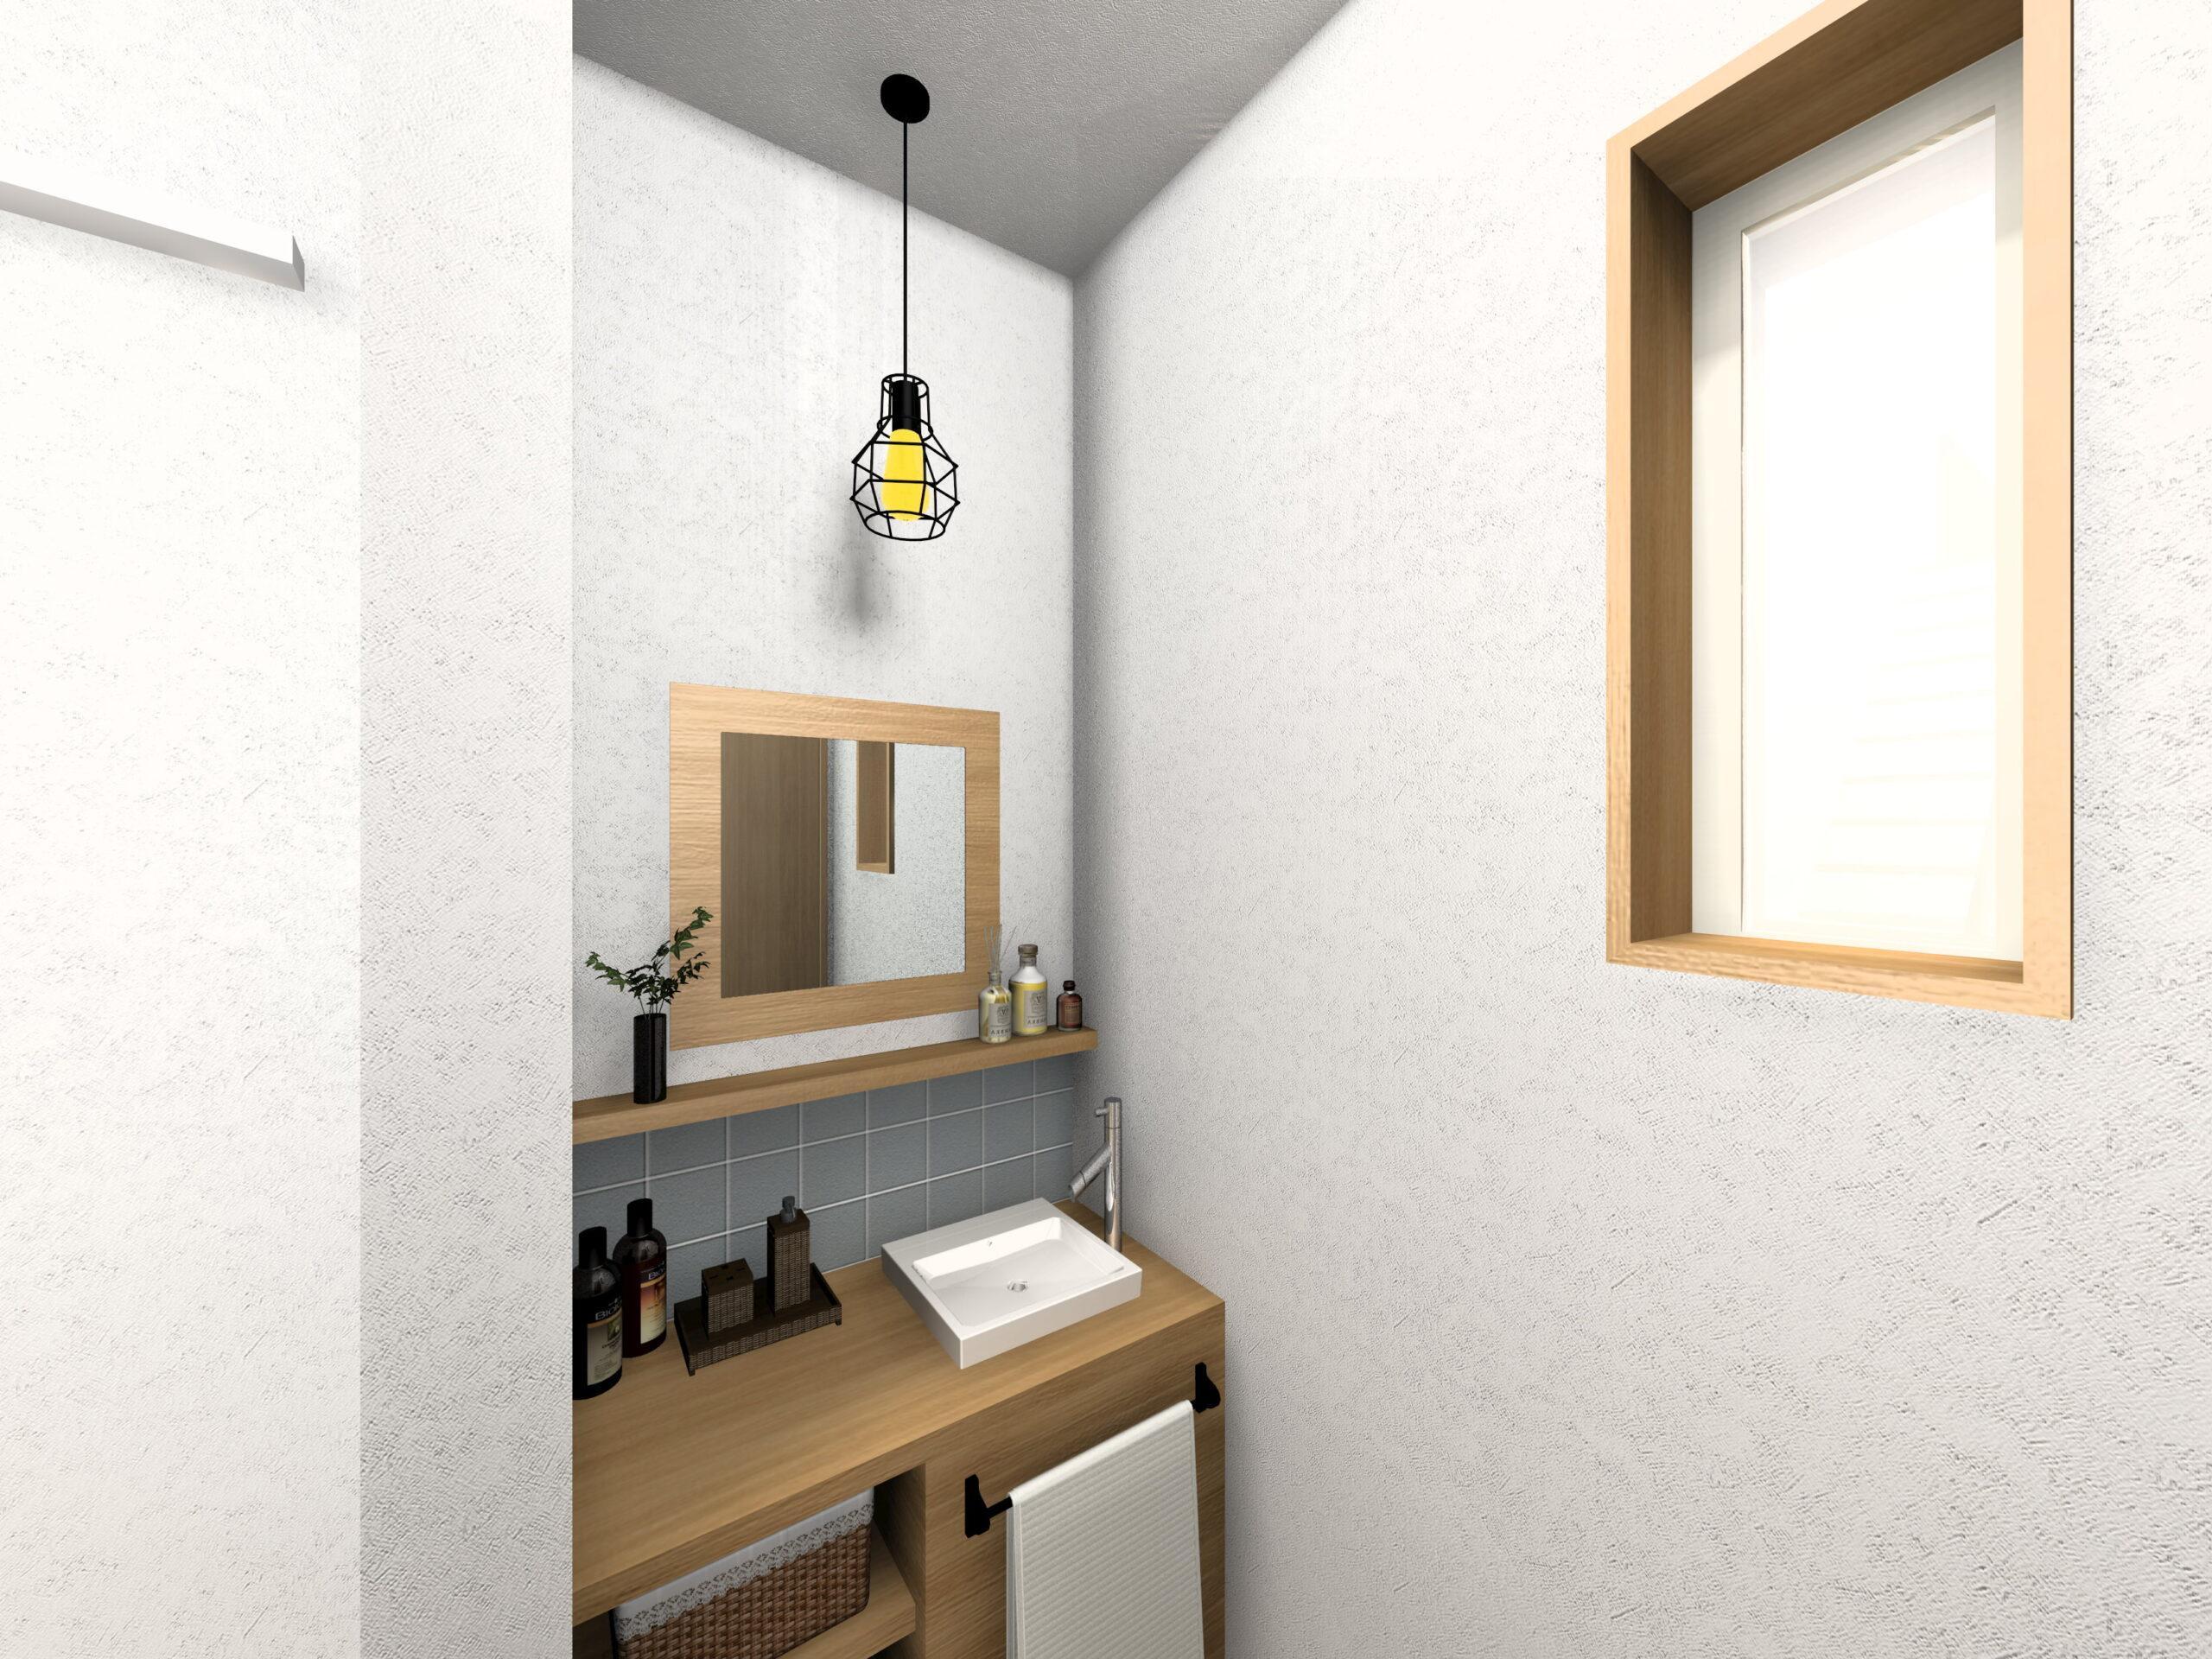 嬉野市新築建売住宅「OURS下野1号地」造作手洗いパース